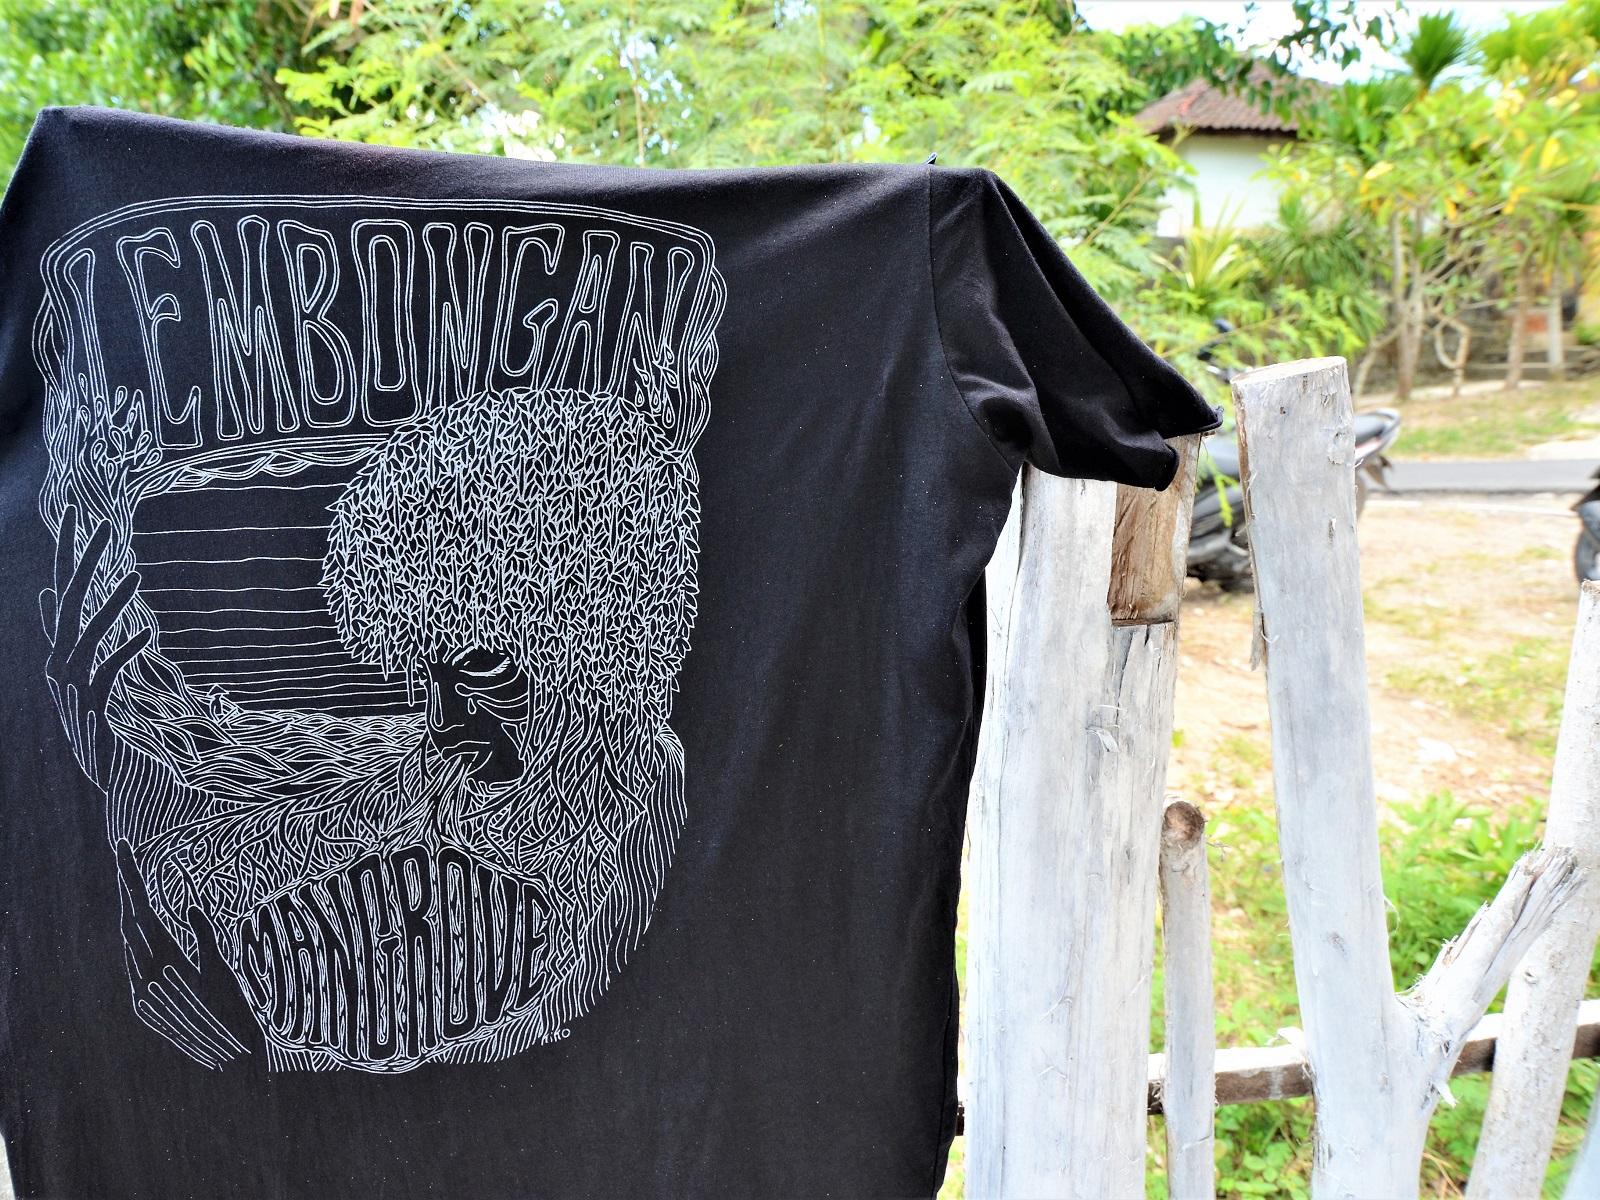 レンボンガン島のお土産Tシャツ